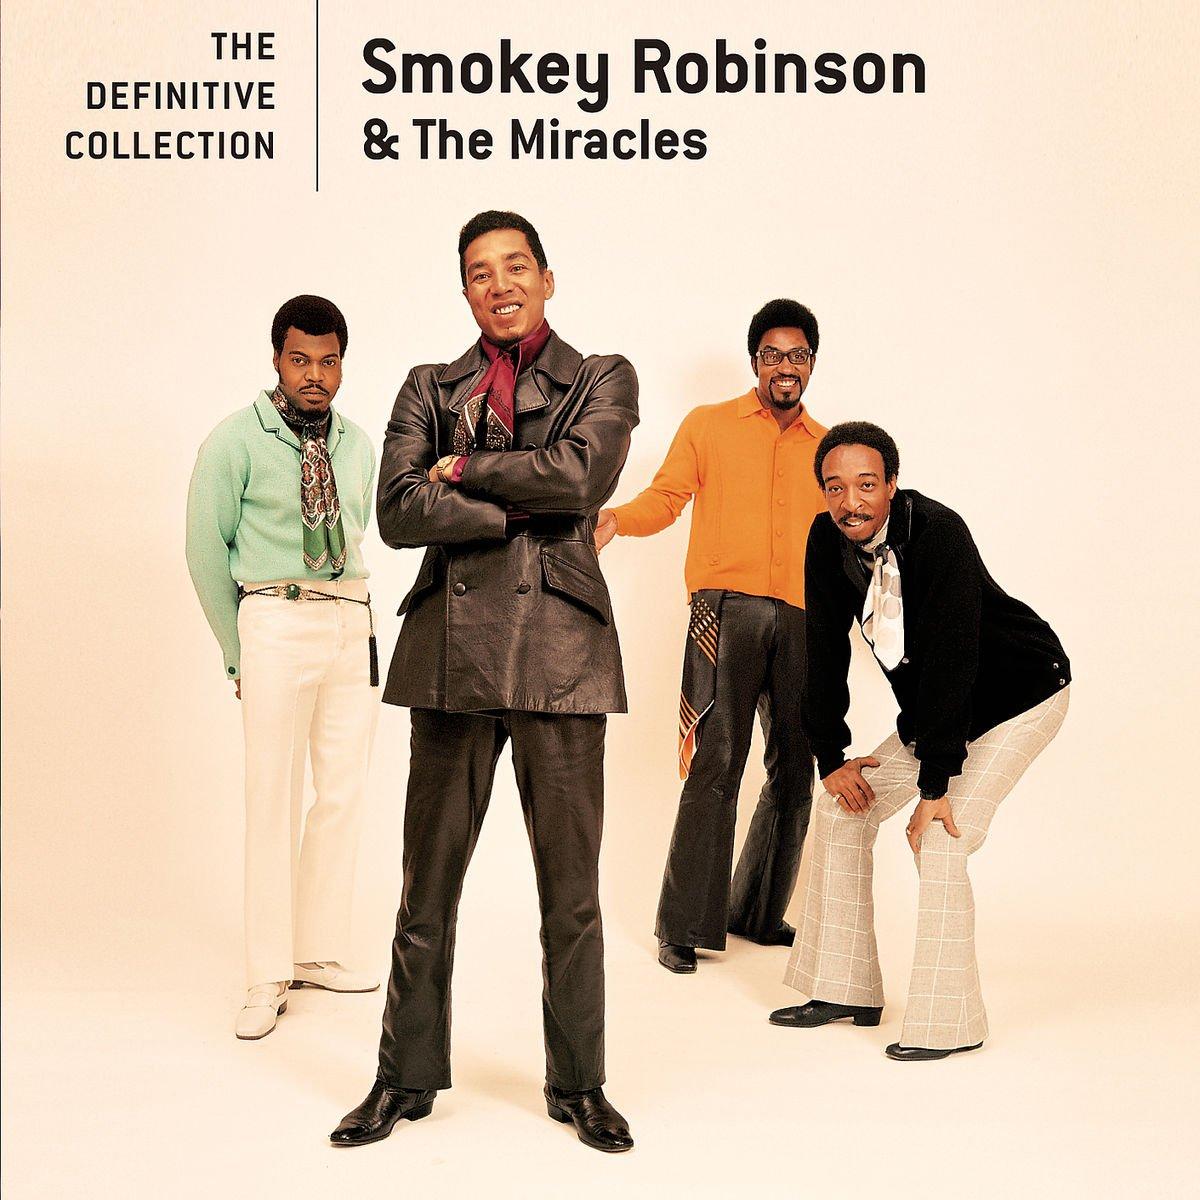 Αποτέλεσμα εικόνας για Smokey Robinson & the Miracles